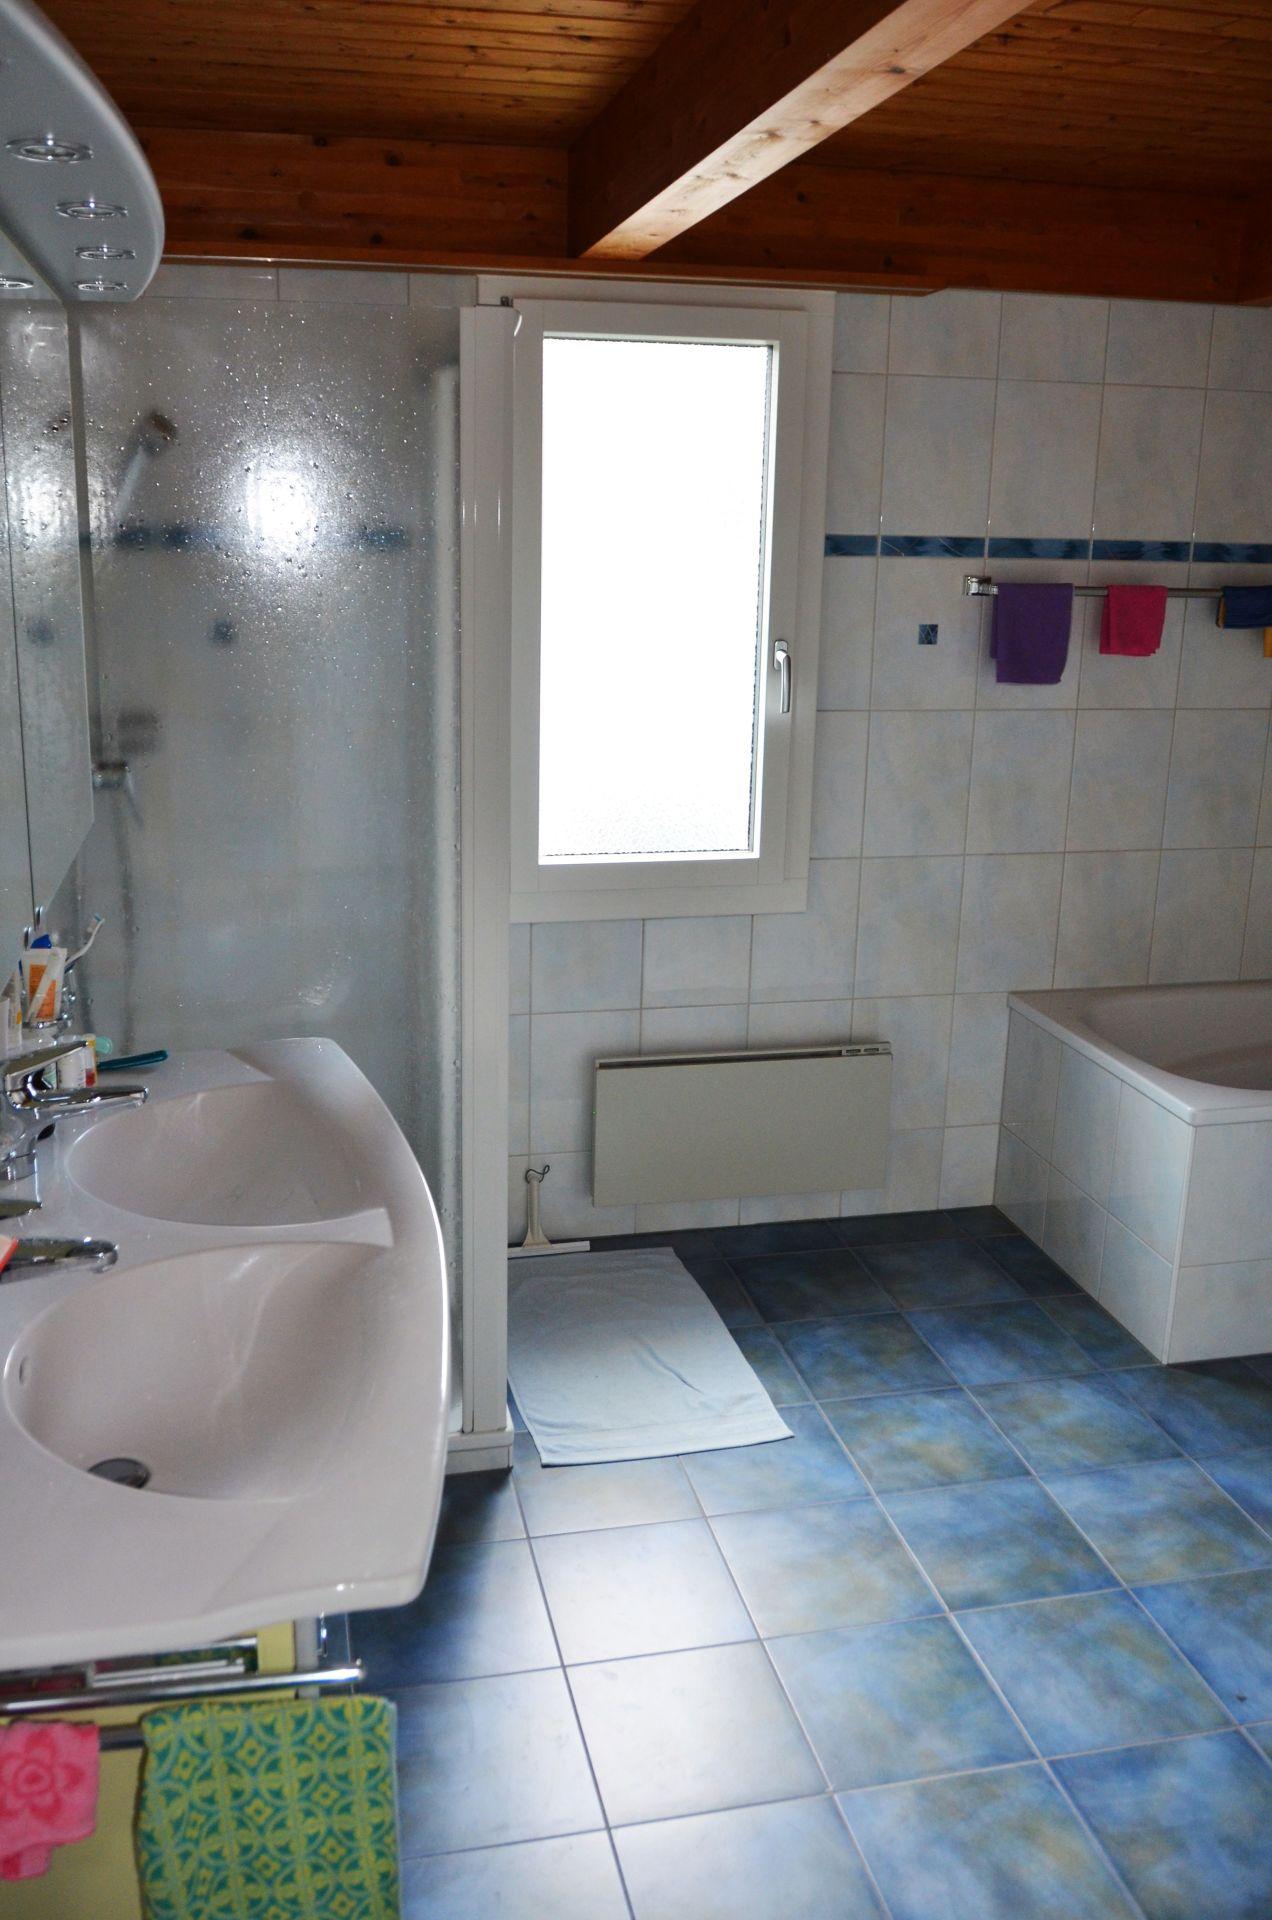 Badezimmer mit Doppellavabo, Wanne, Dusche und Einbauschrank